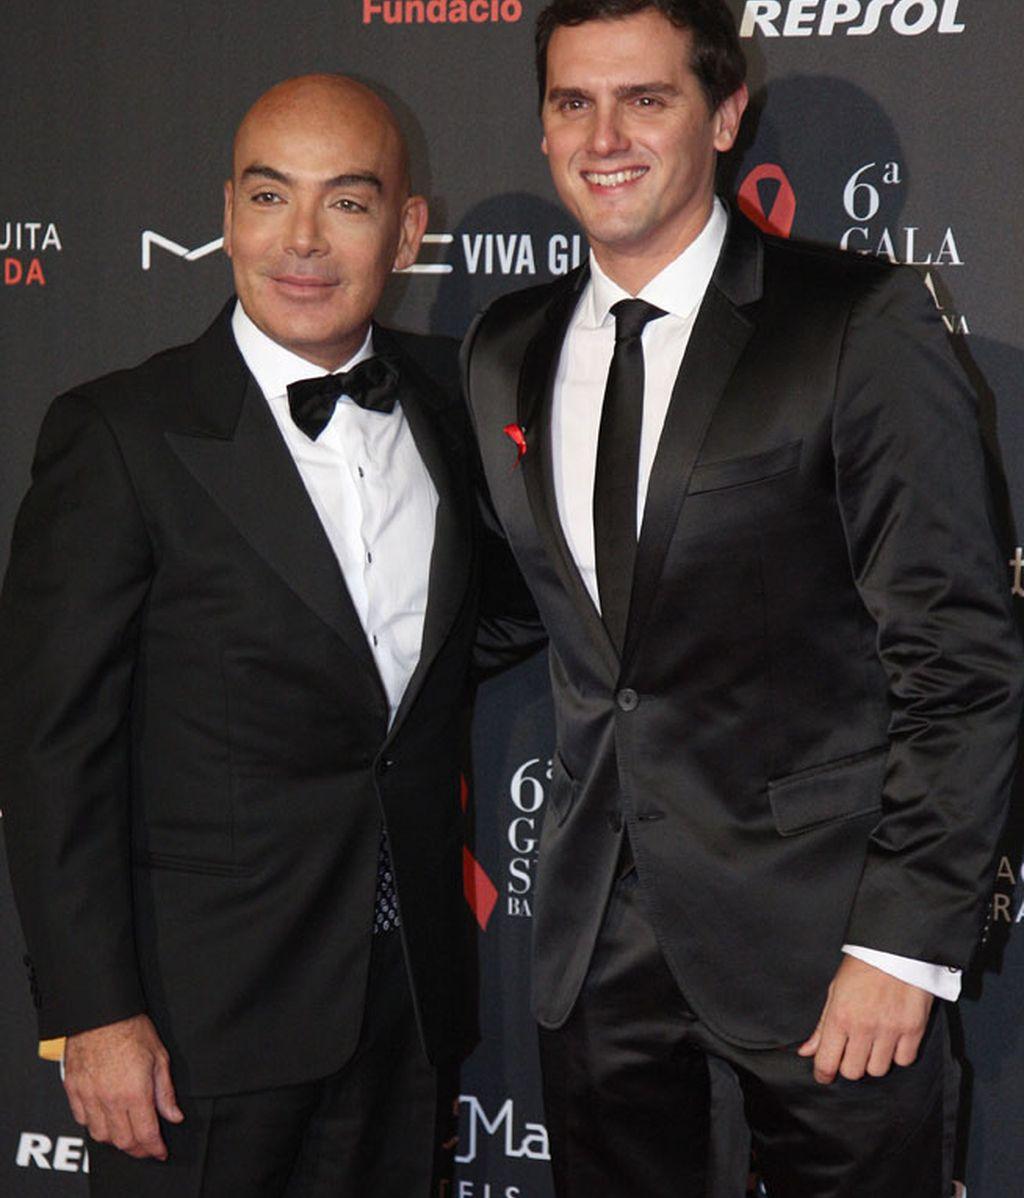 El político Albert Rivera y Enrique Sarasola, ambos con traje negro